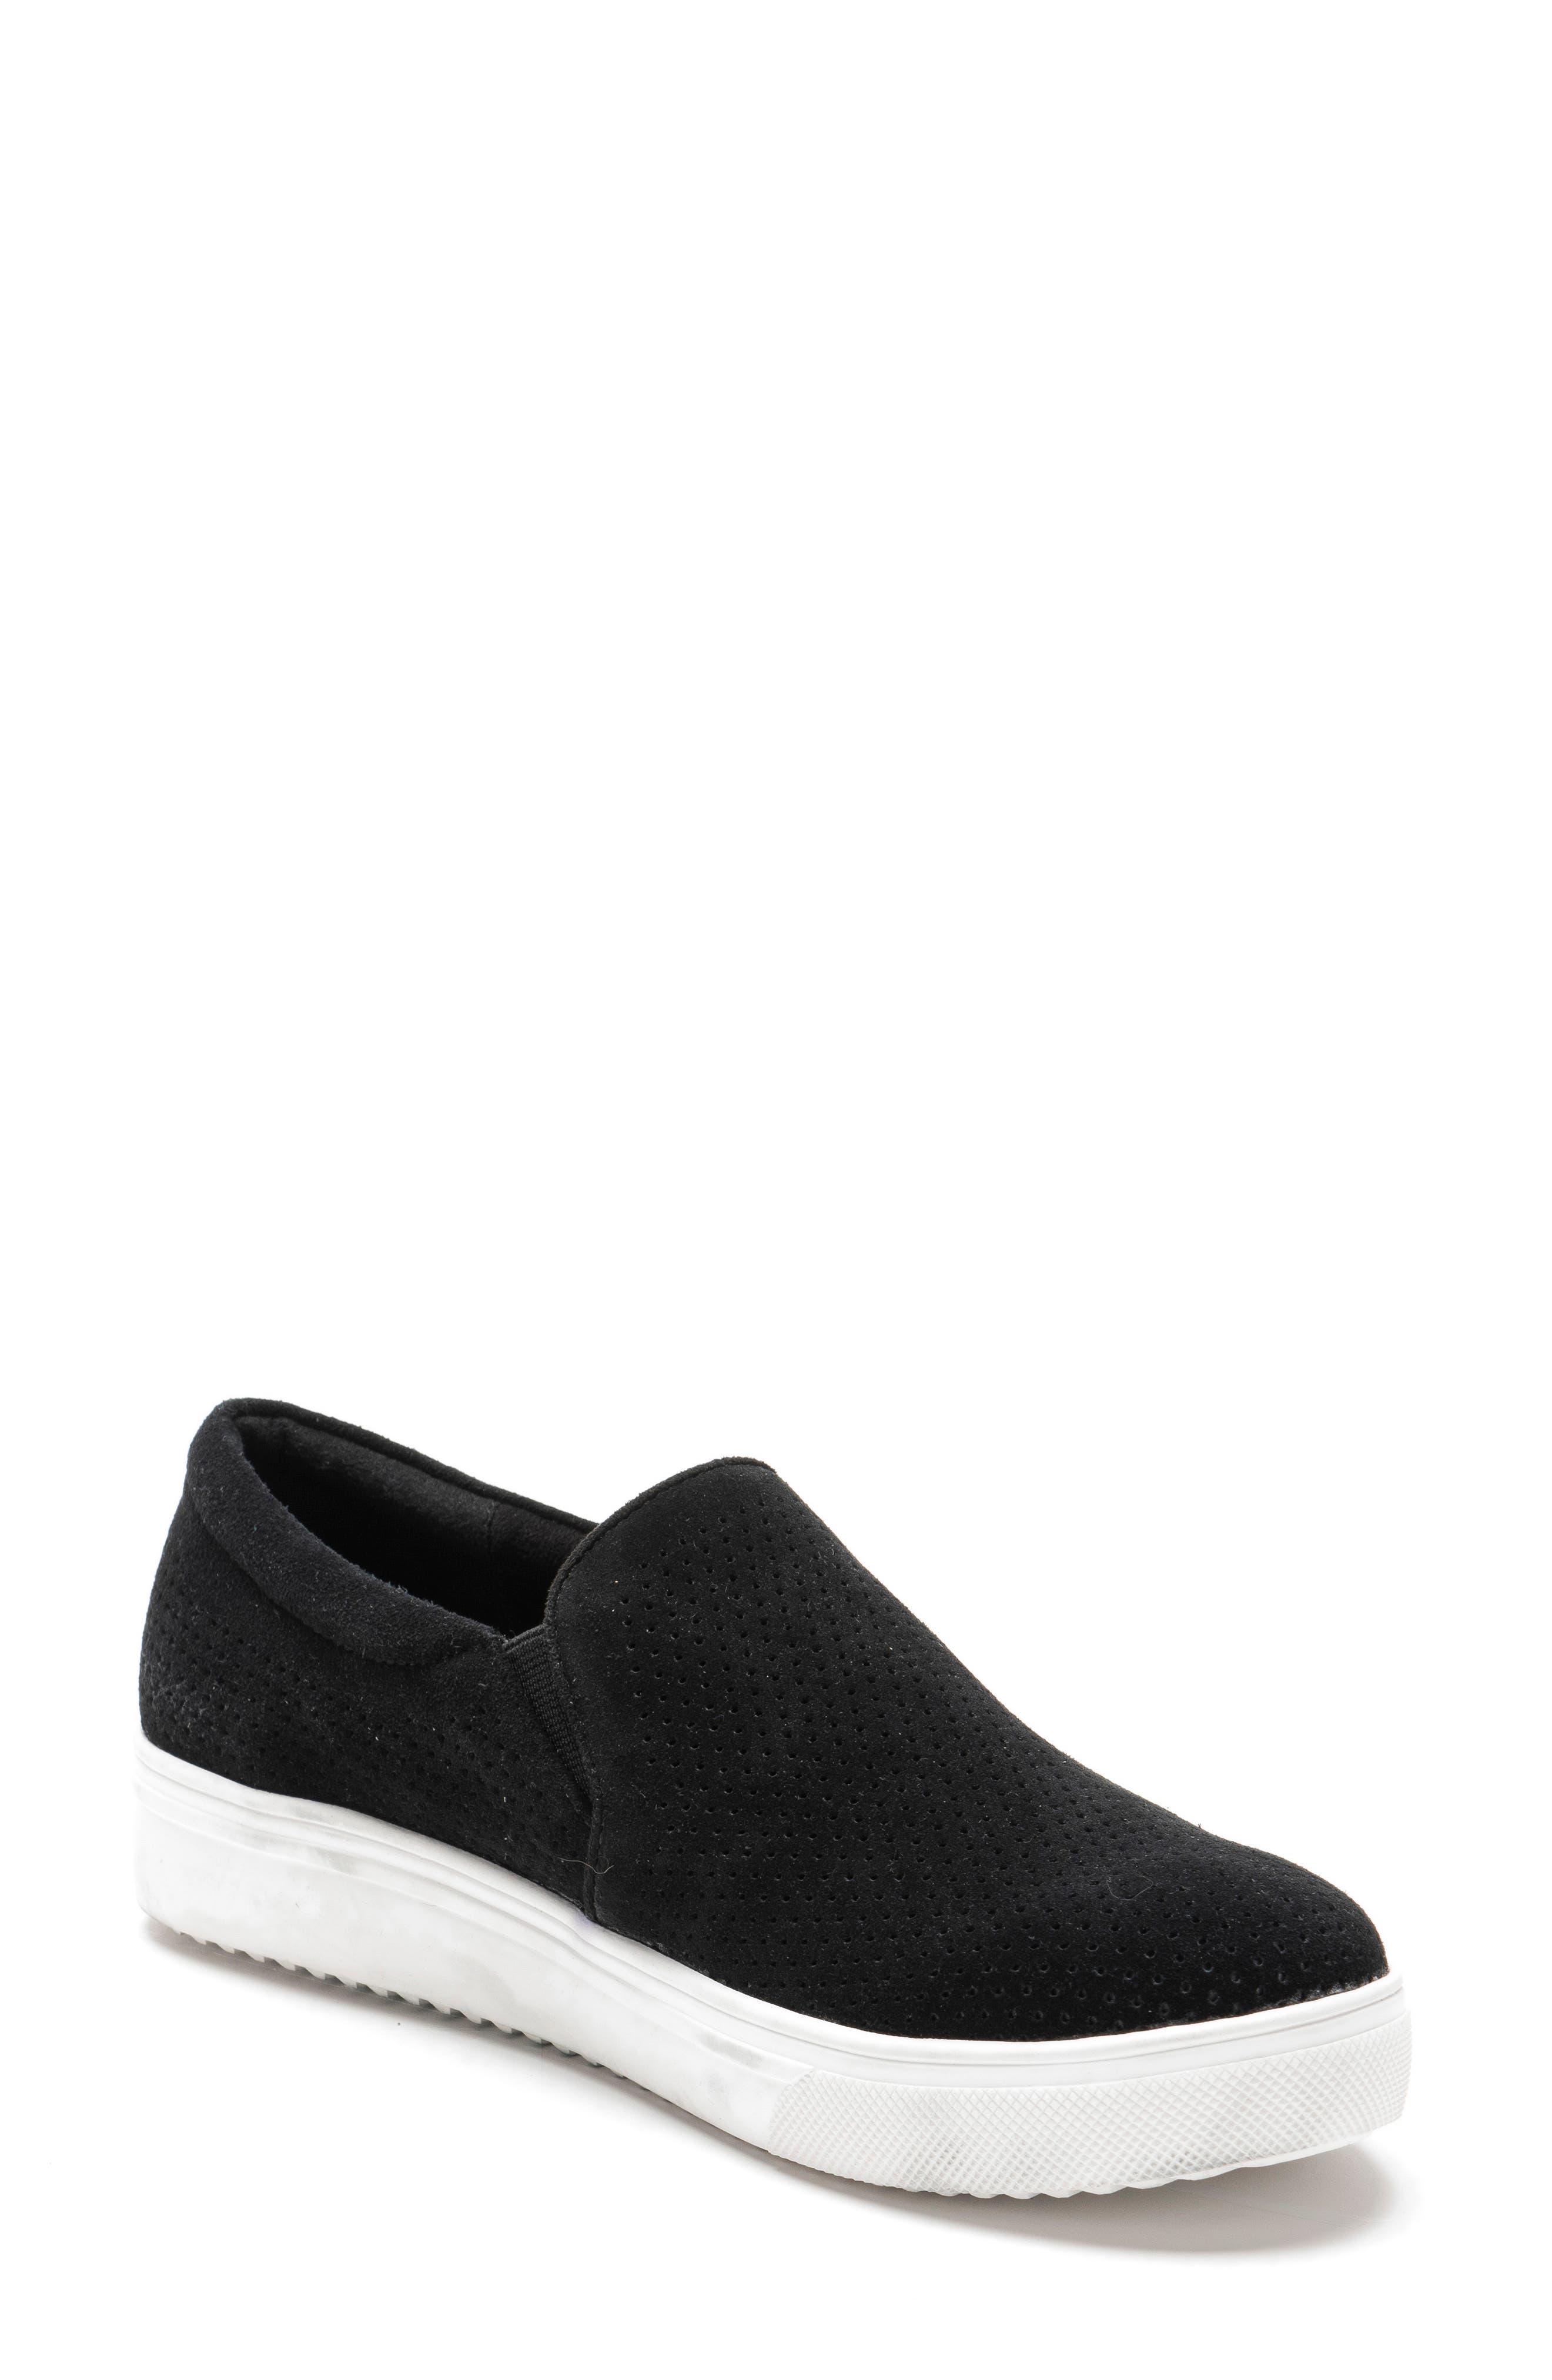 BLONDO Gallert Perforated Waterproof Platform Sneaker, Main, color, BLACK SUEDE